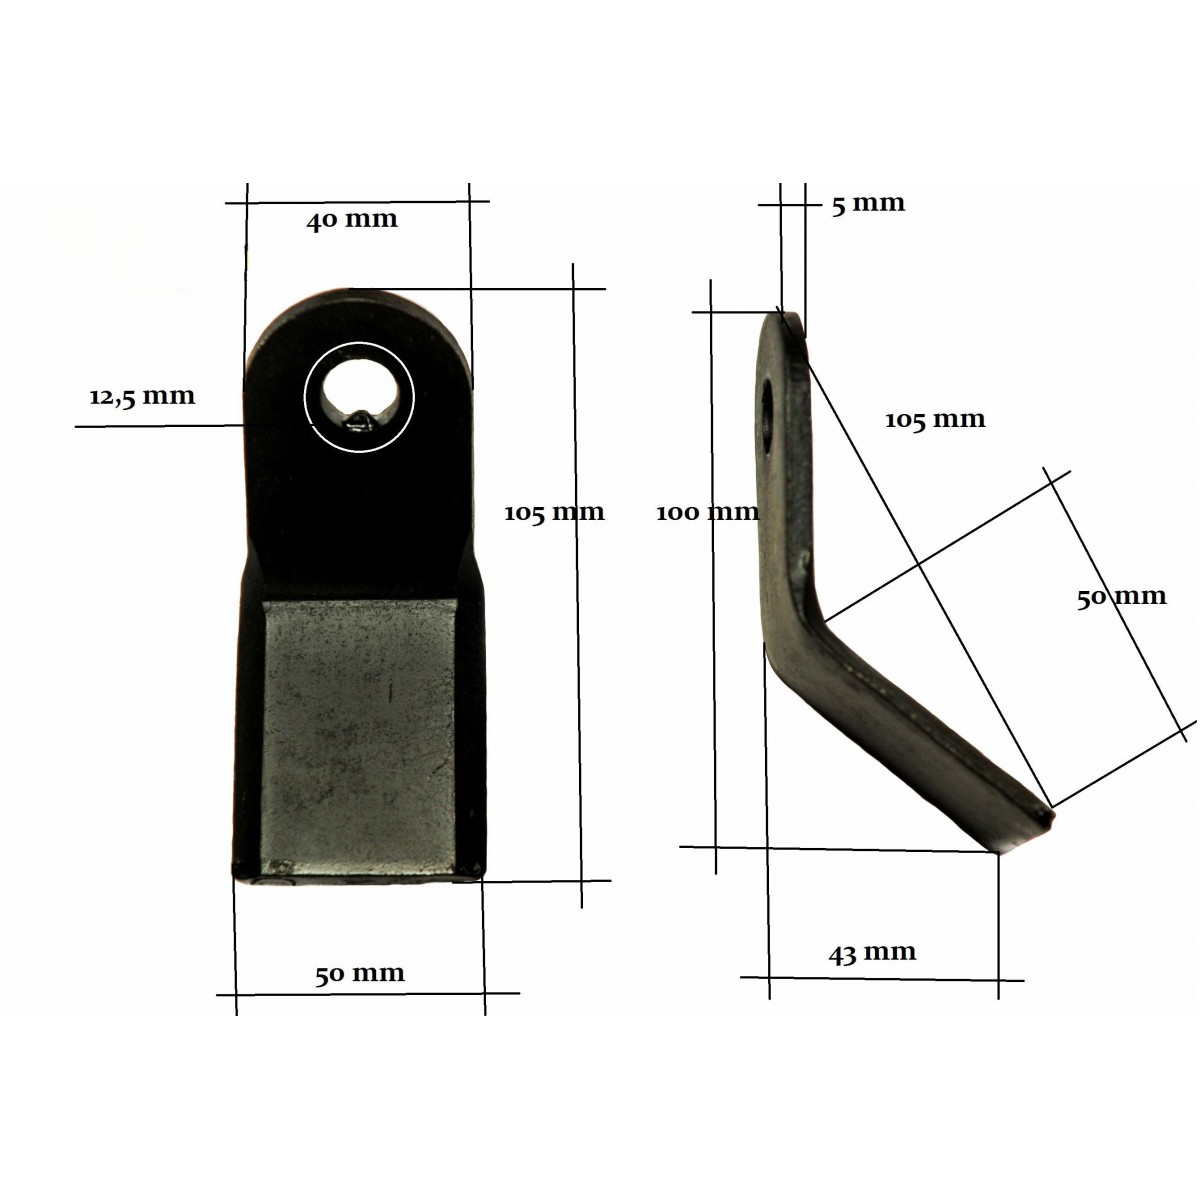 Bijaki noże typu Y EF EFG AG-L 12 mm 200 g